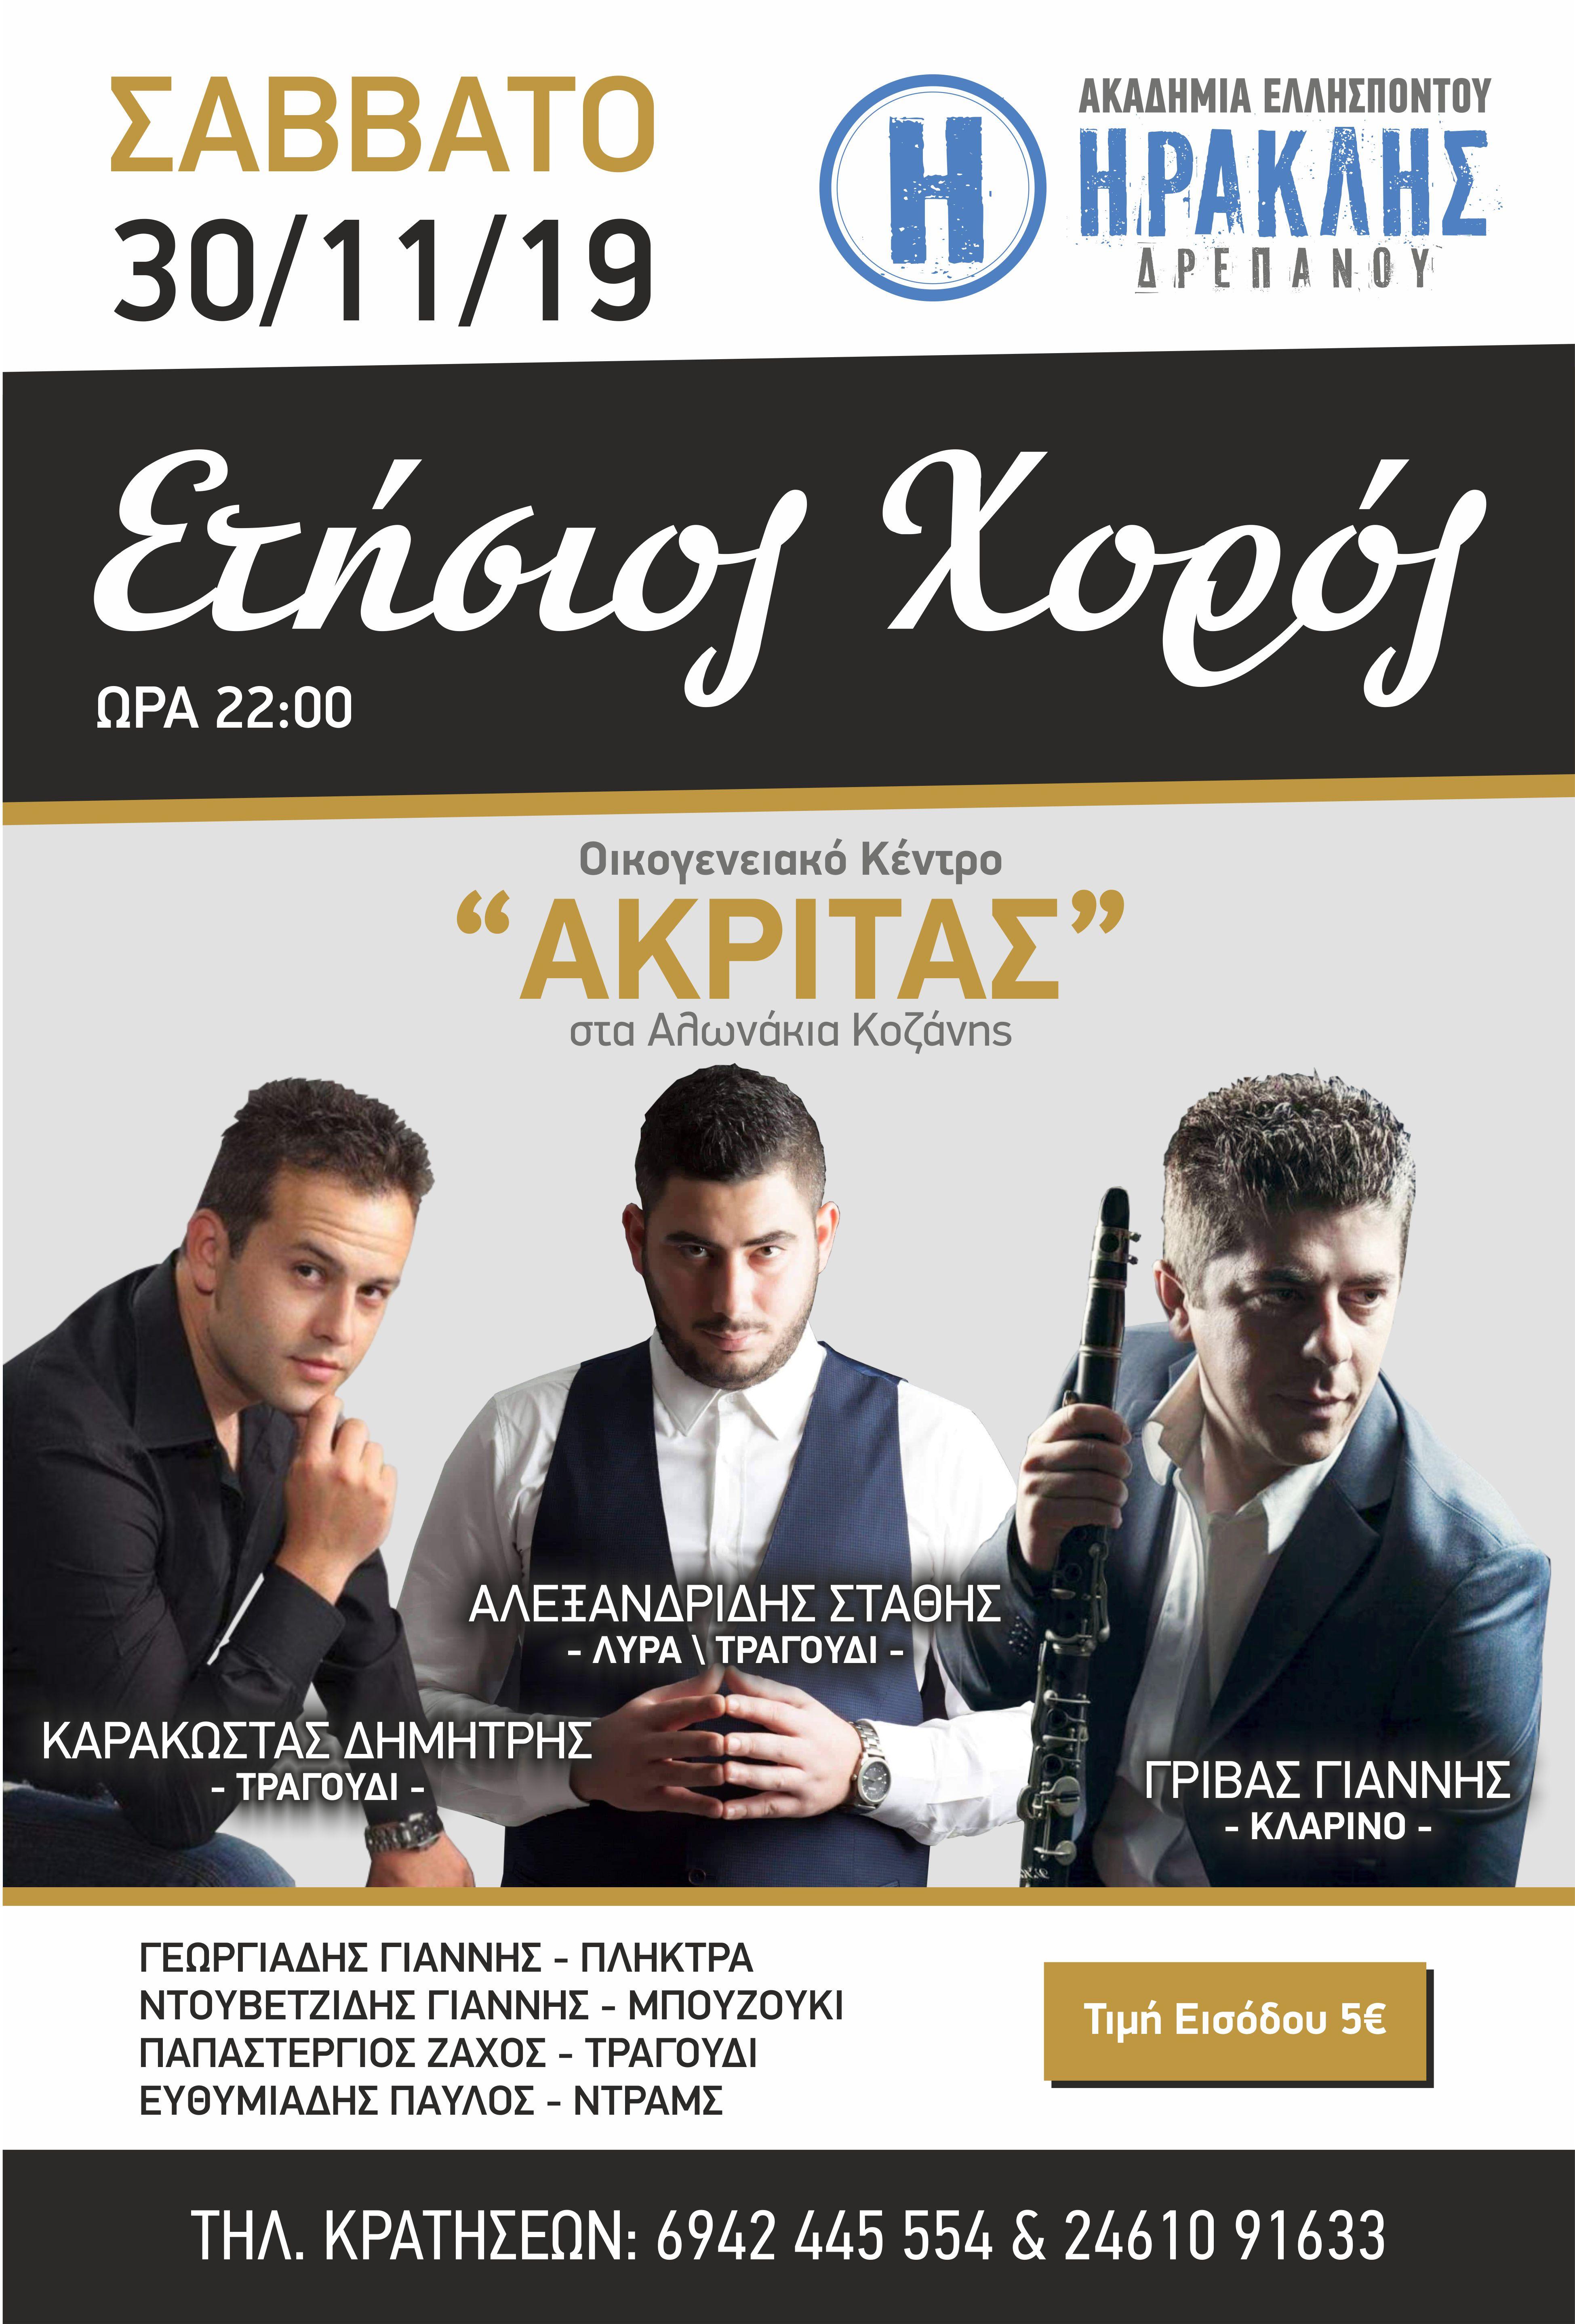 Ετήσιος χορός της ακαδημίας Ελλησπόντου